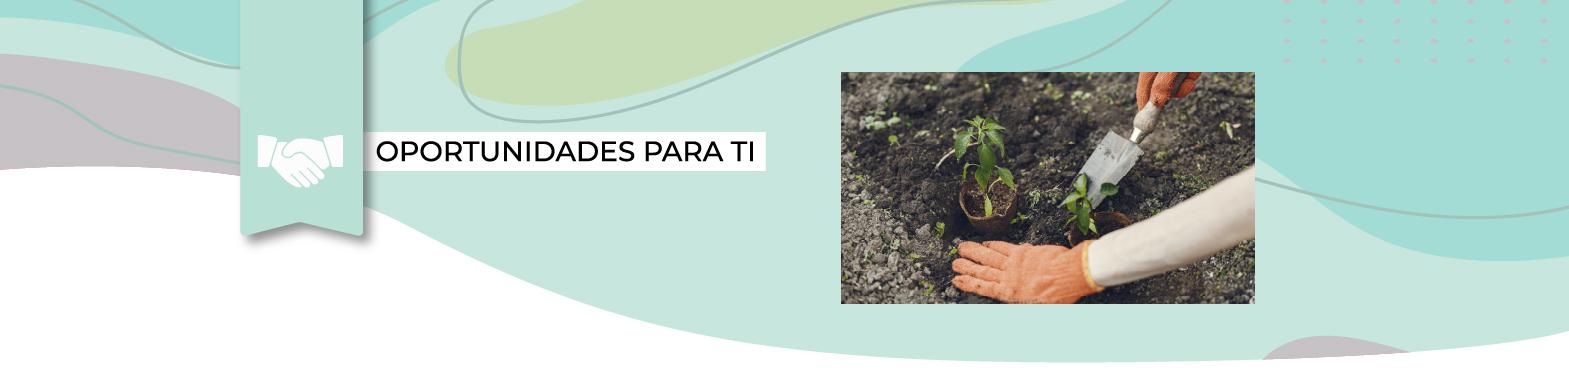 Fondo de Protección Ambiental 2022 – Áreas Verdes Comunitarias